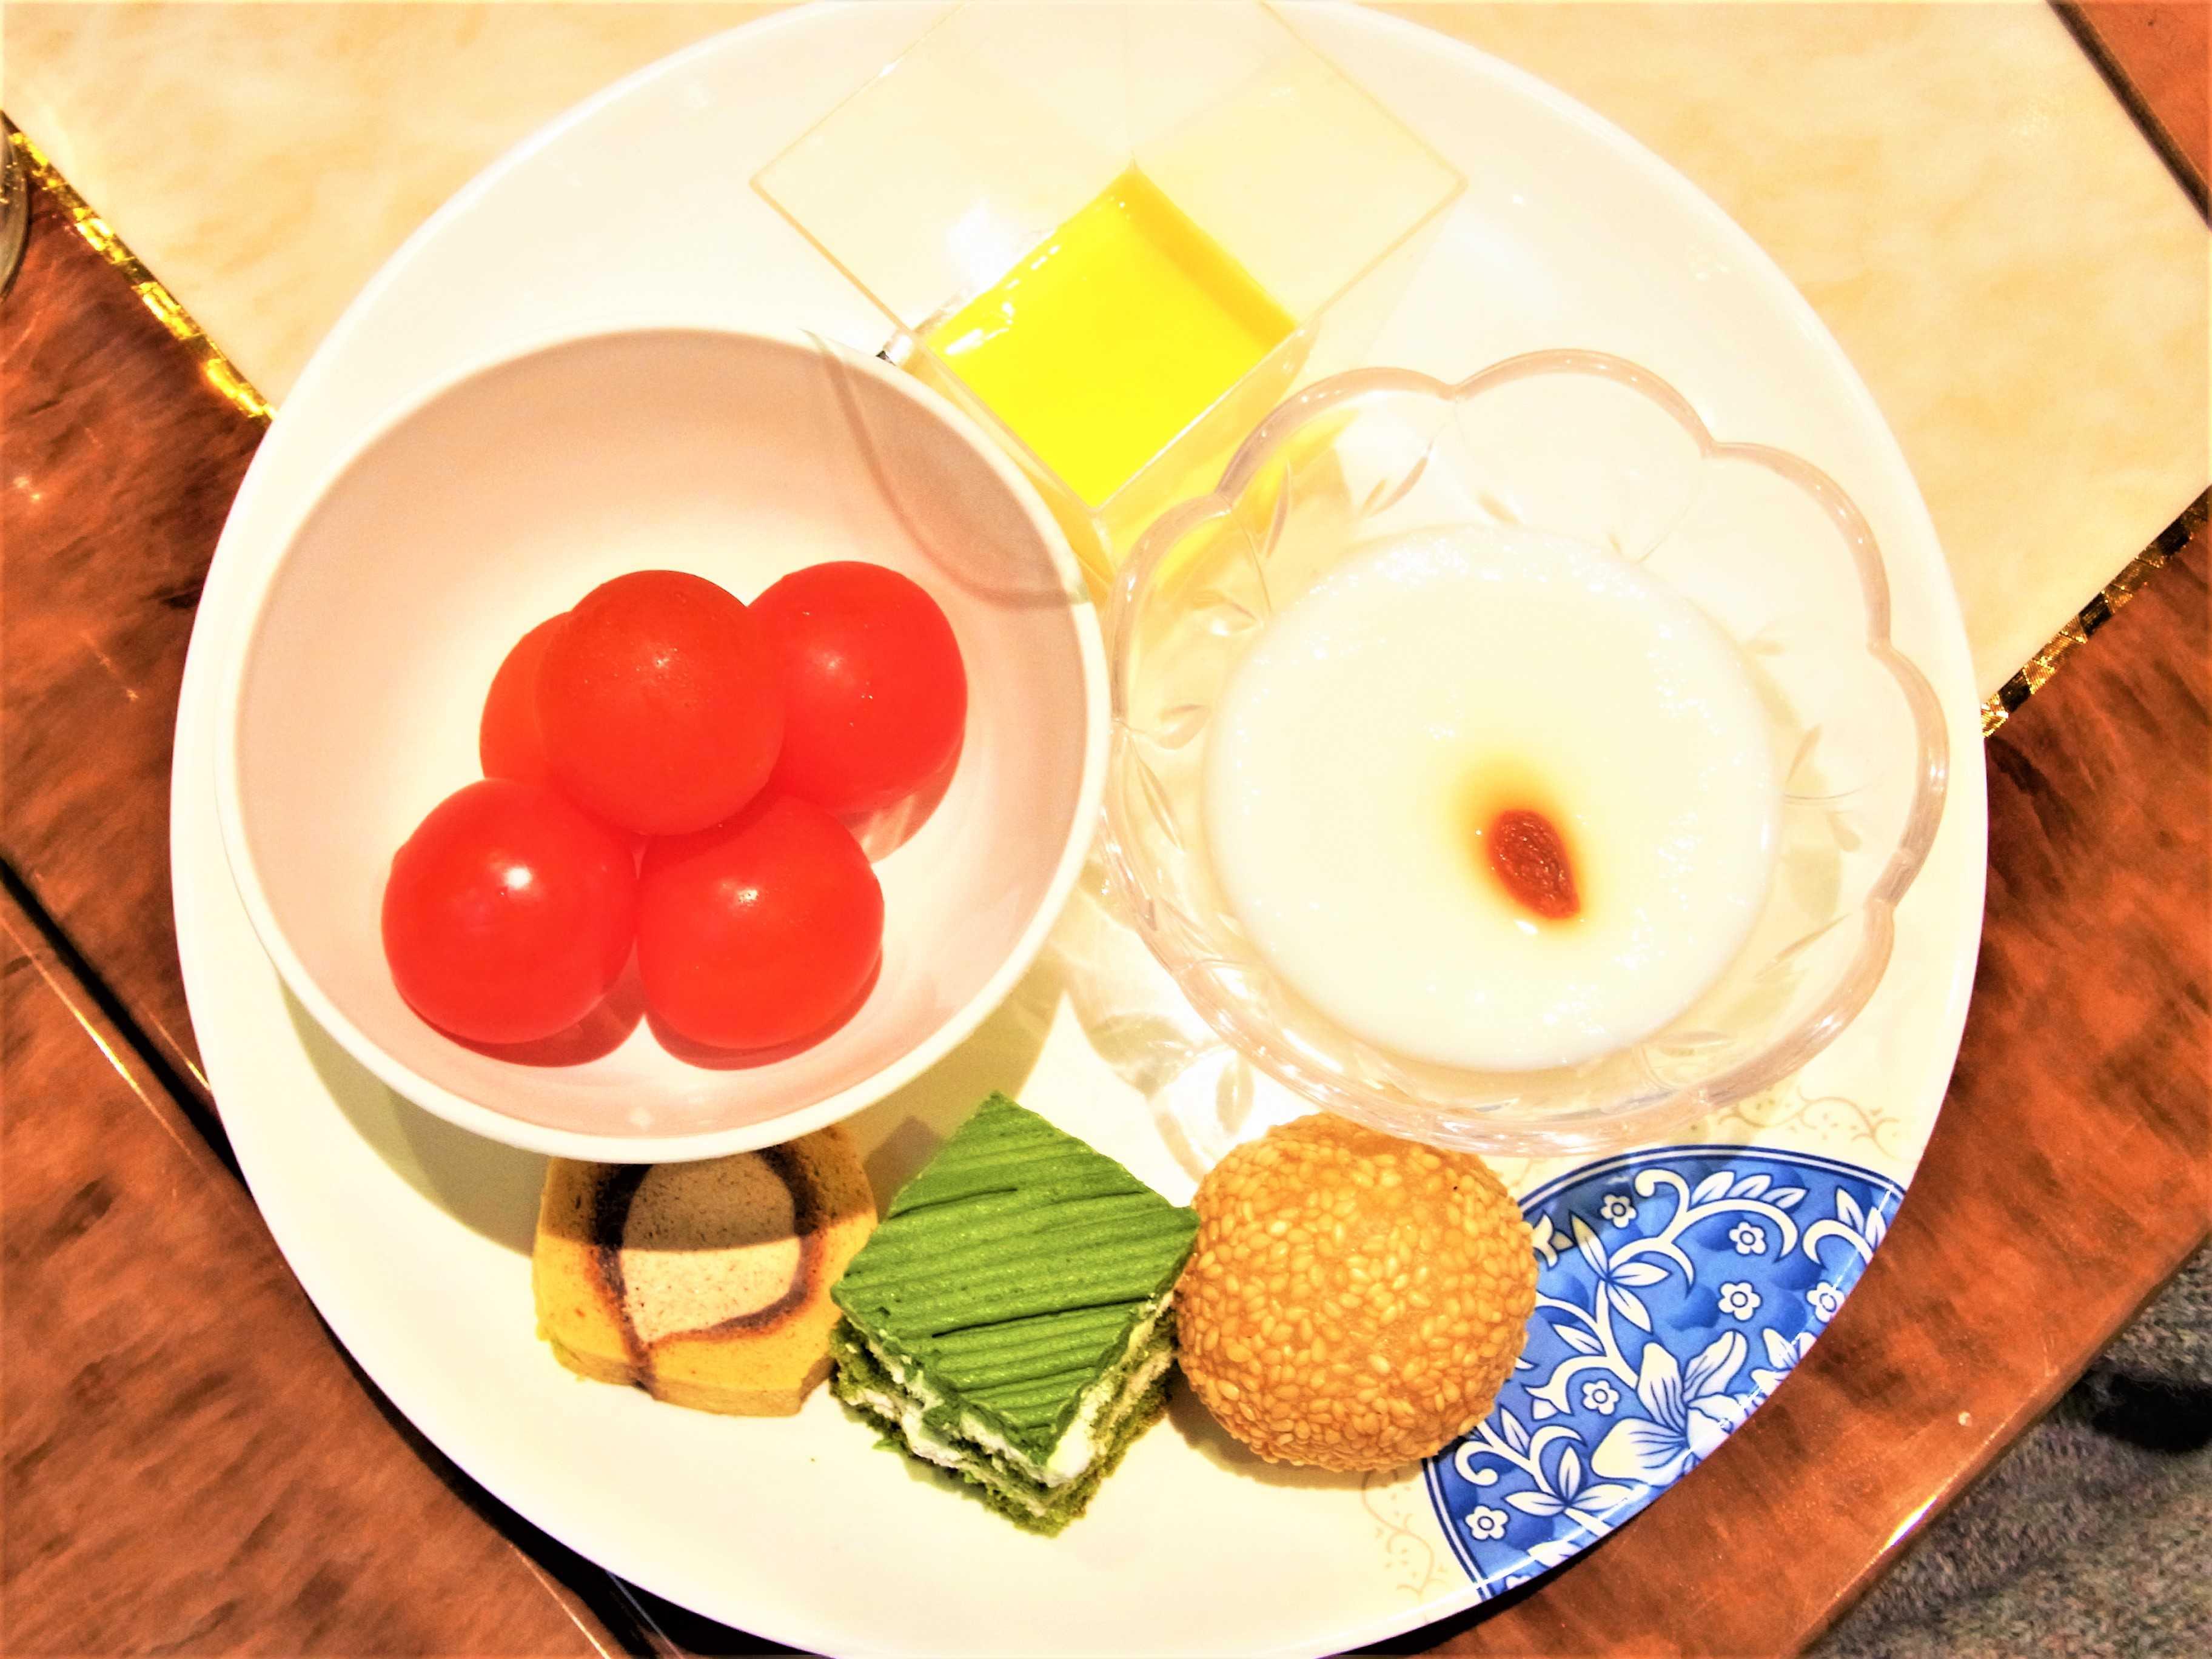 コスパ良好 味はまぁまぁ 中華自助餐 【唐朝盛宴】 - 写真版ぐるめ部長 ...